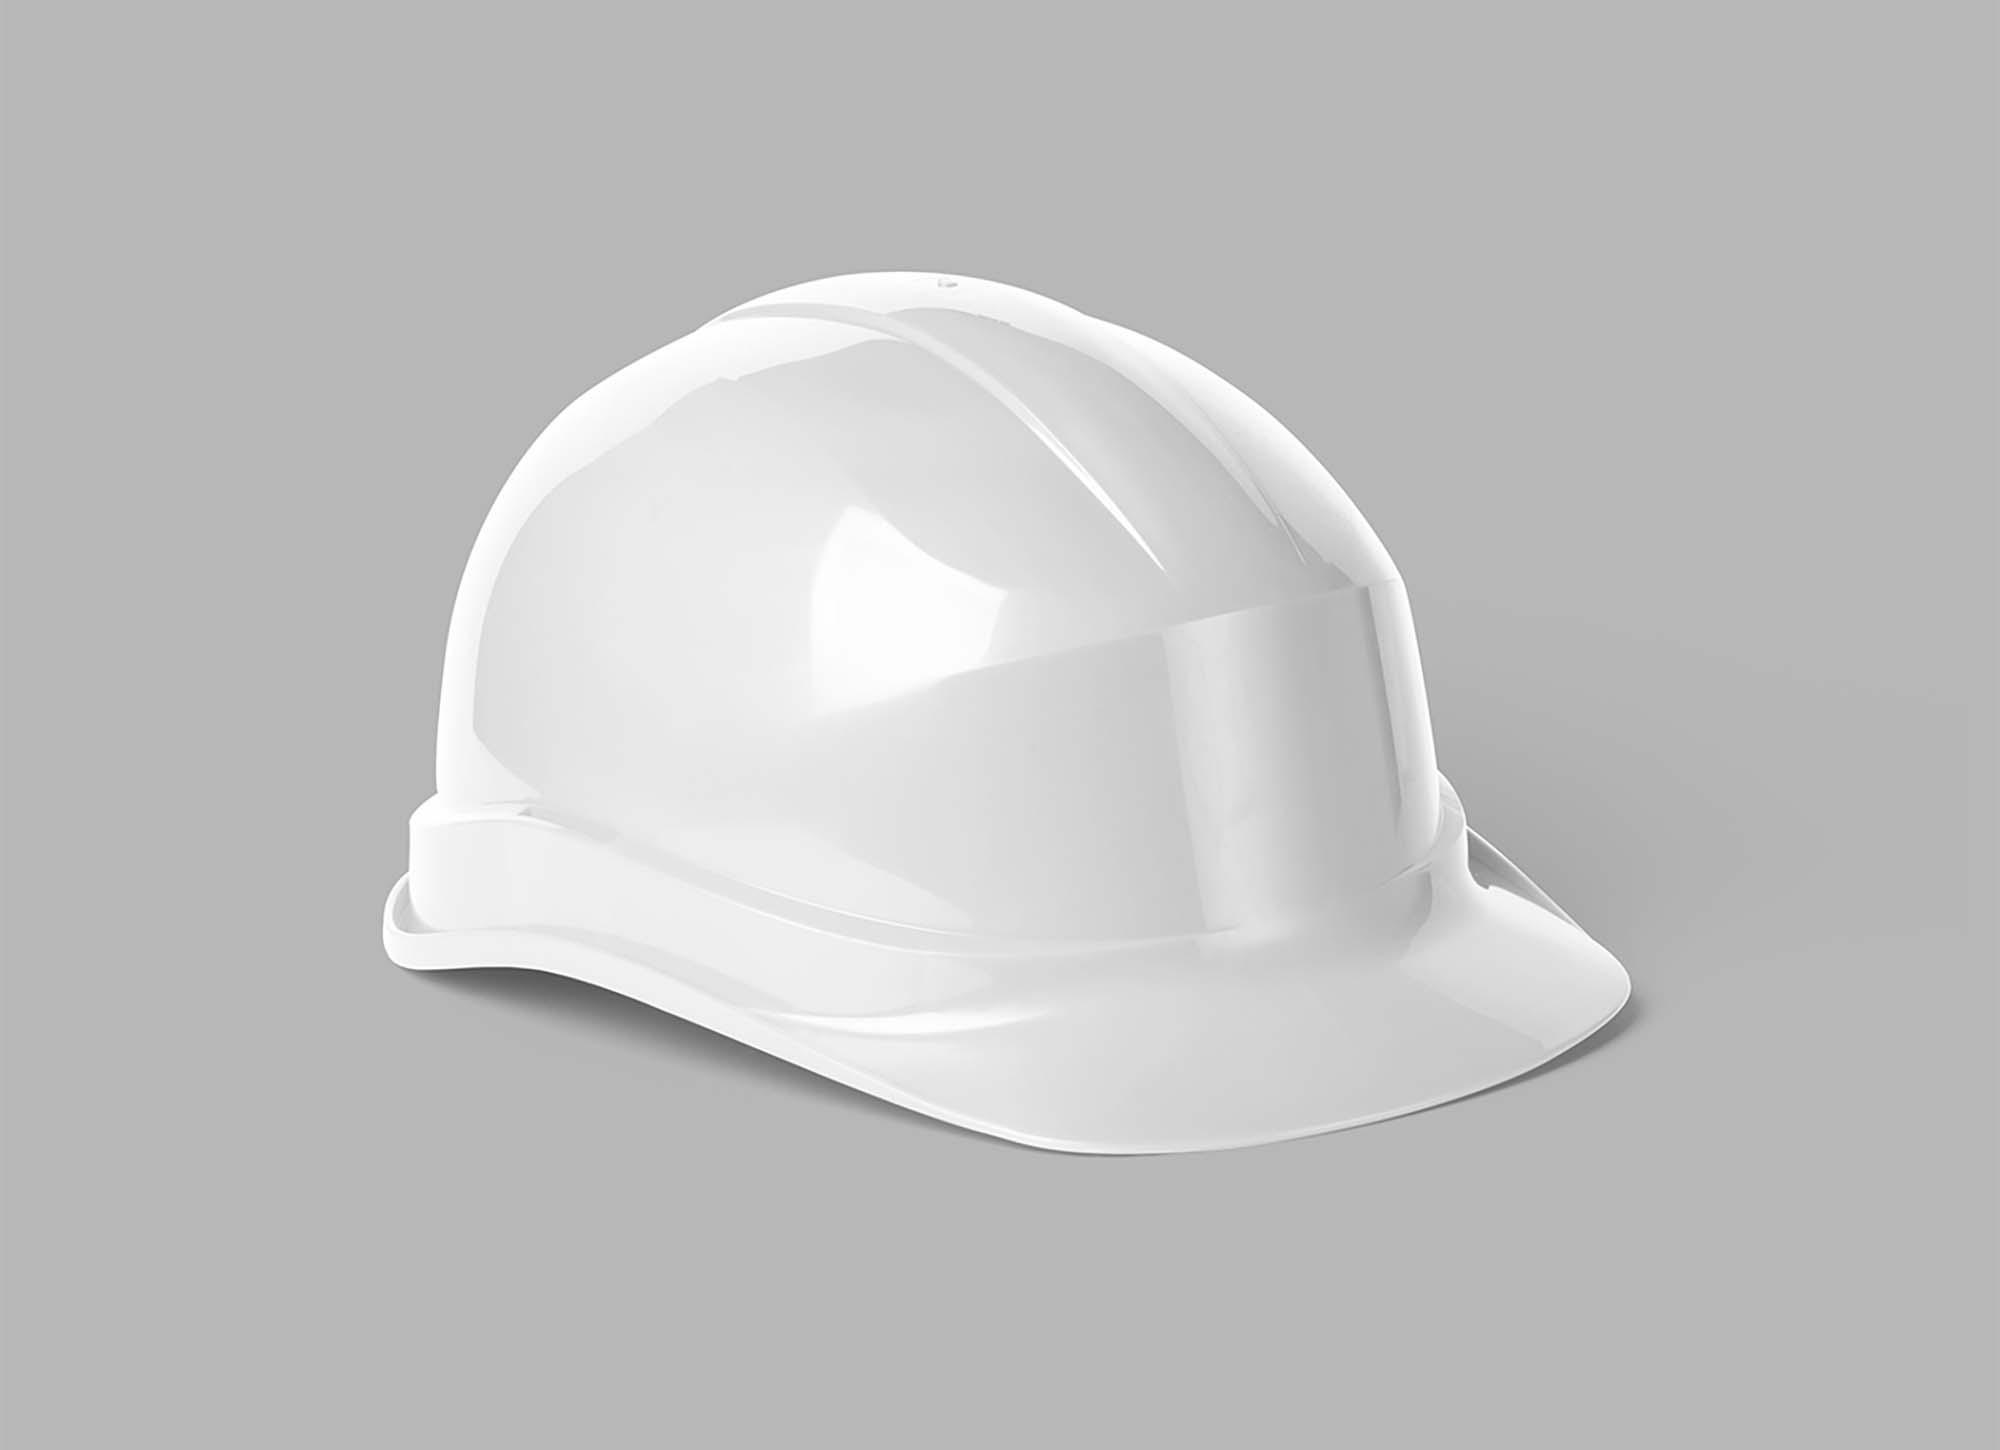 Classic Construction Helmet Mockup